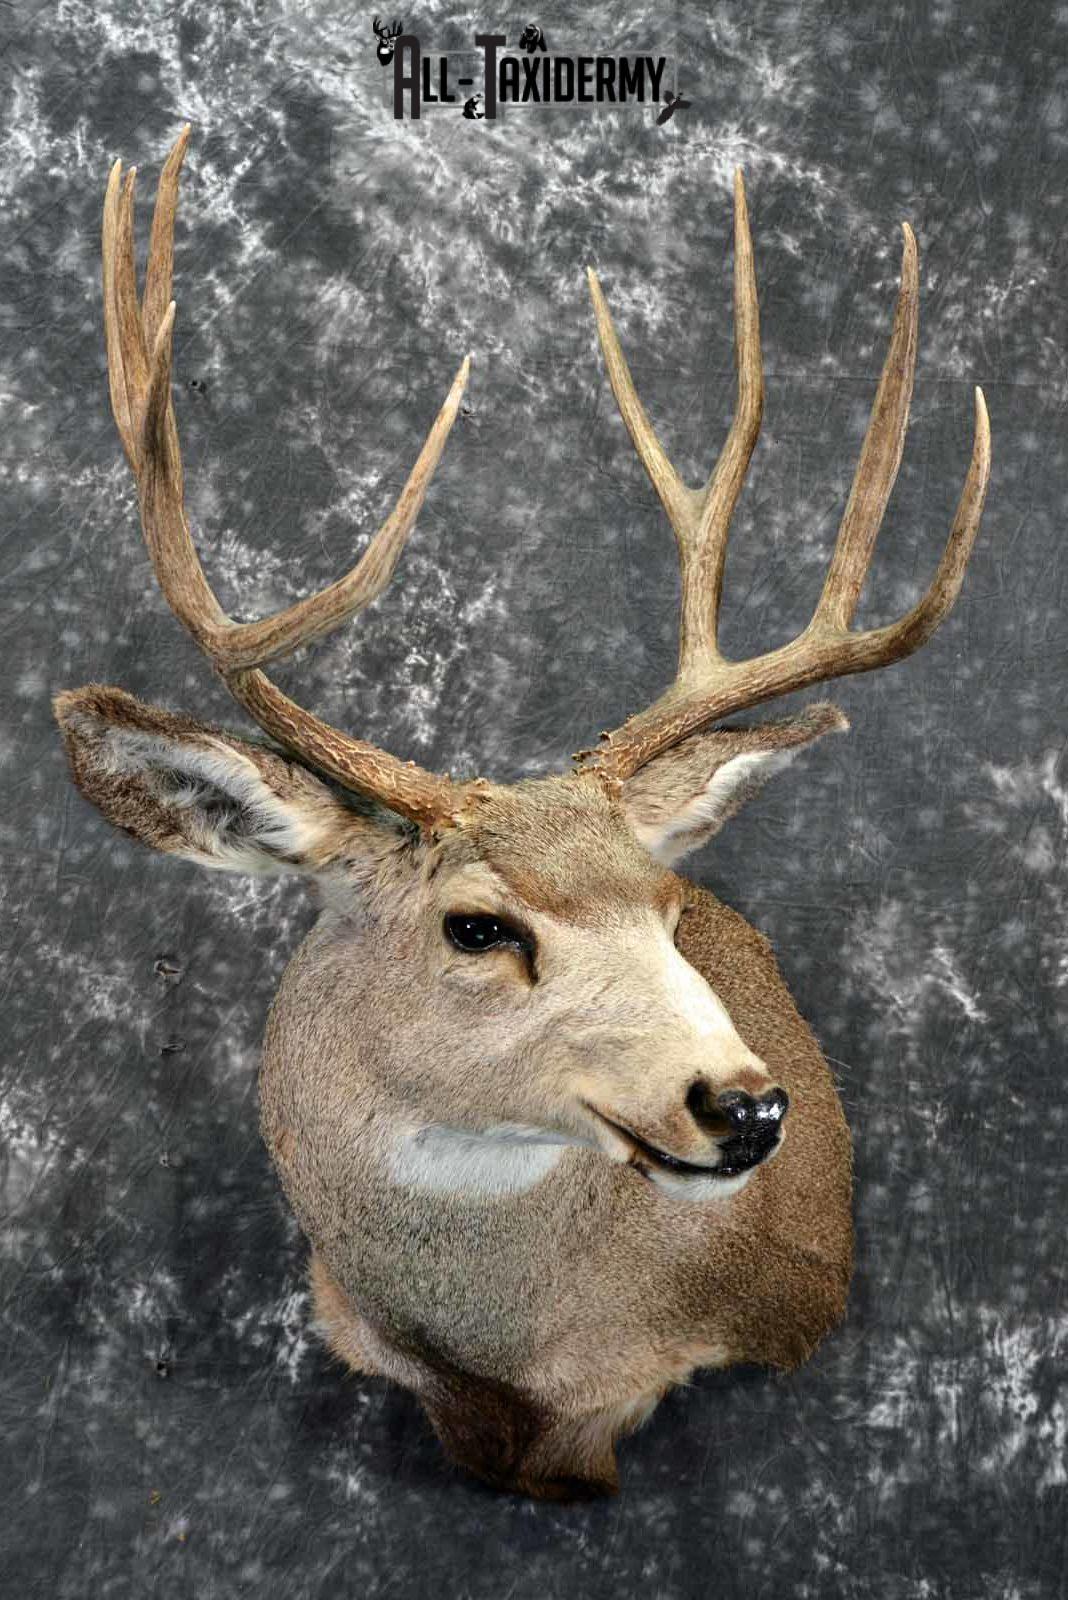 Mule deer taxidermy shoulder mount for sale SKU 1158